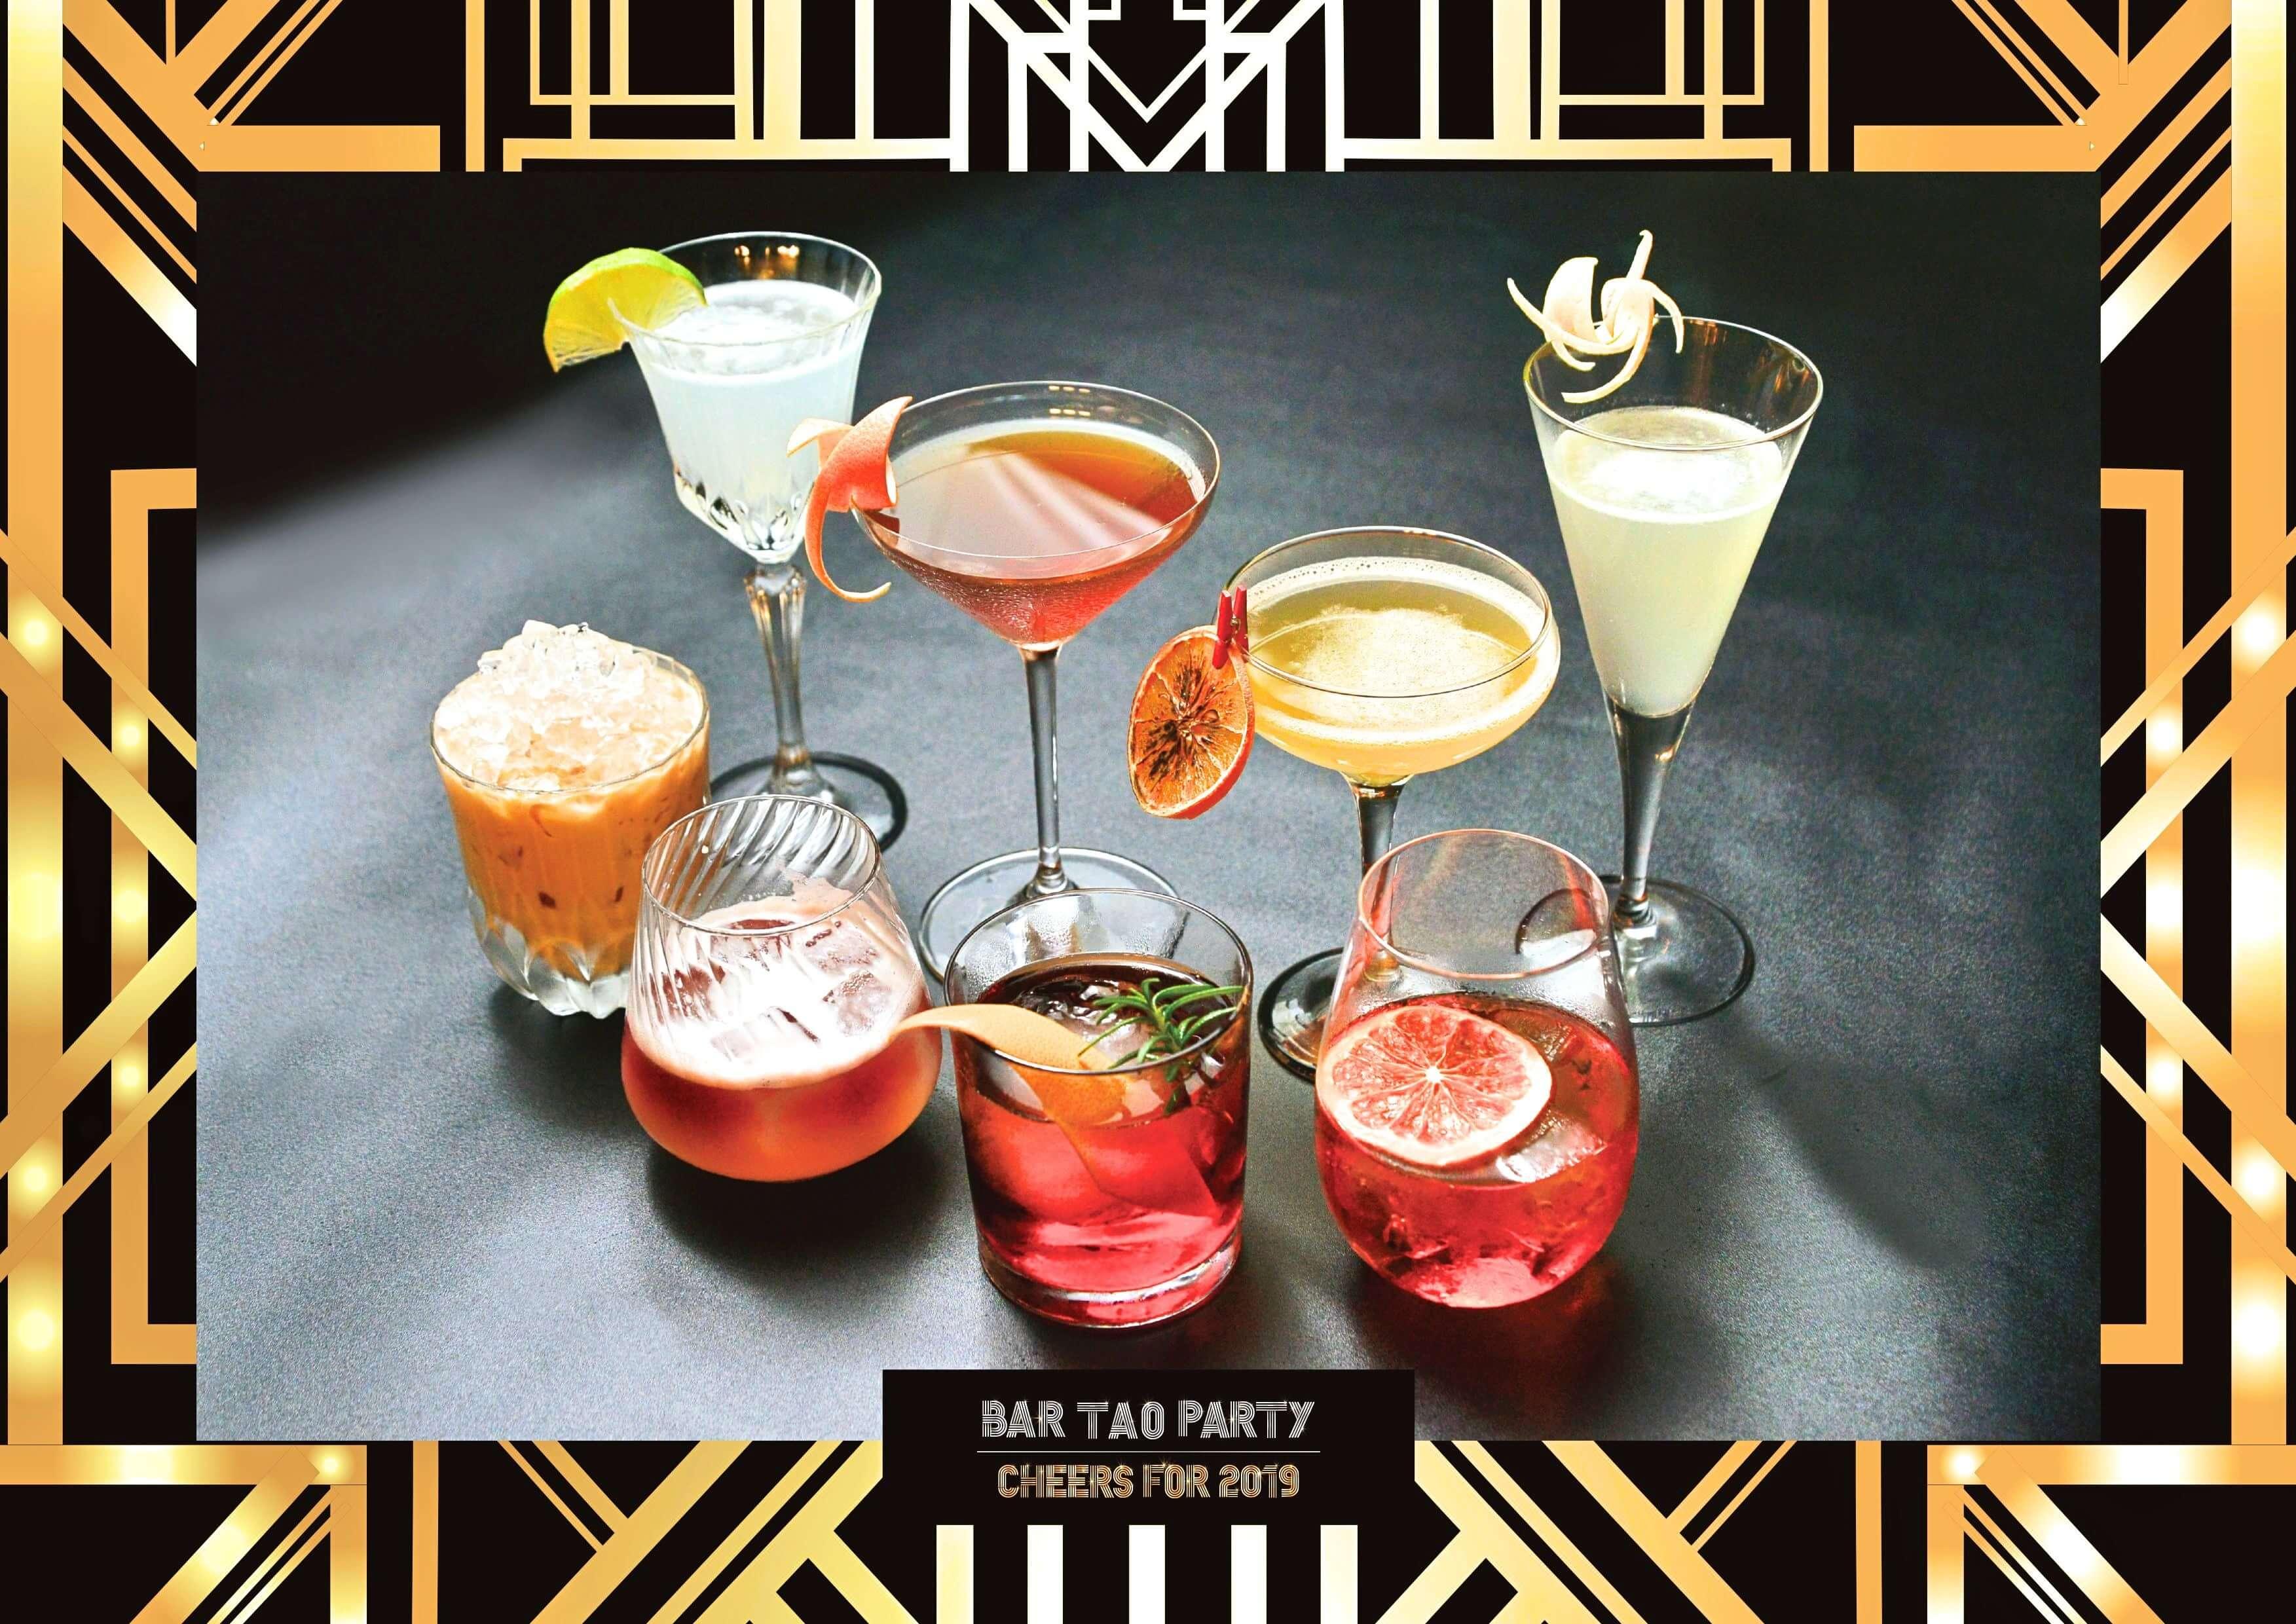 台南晶英酒吧水晶廊團隊將重新演繹多款經典調酒。(圖/台南晶英酒店提供)